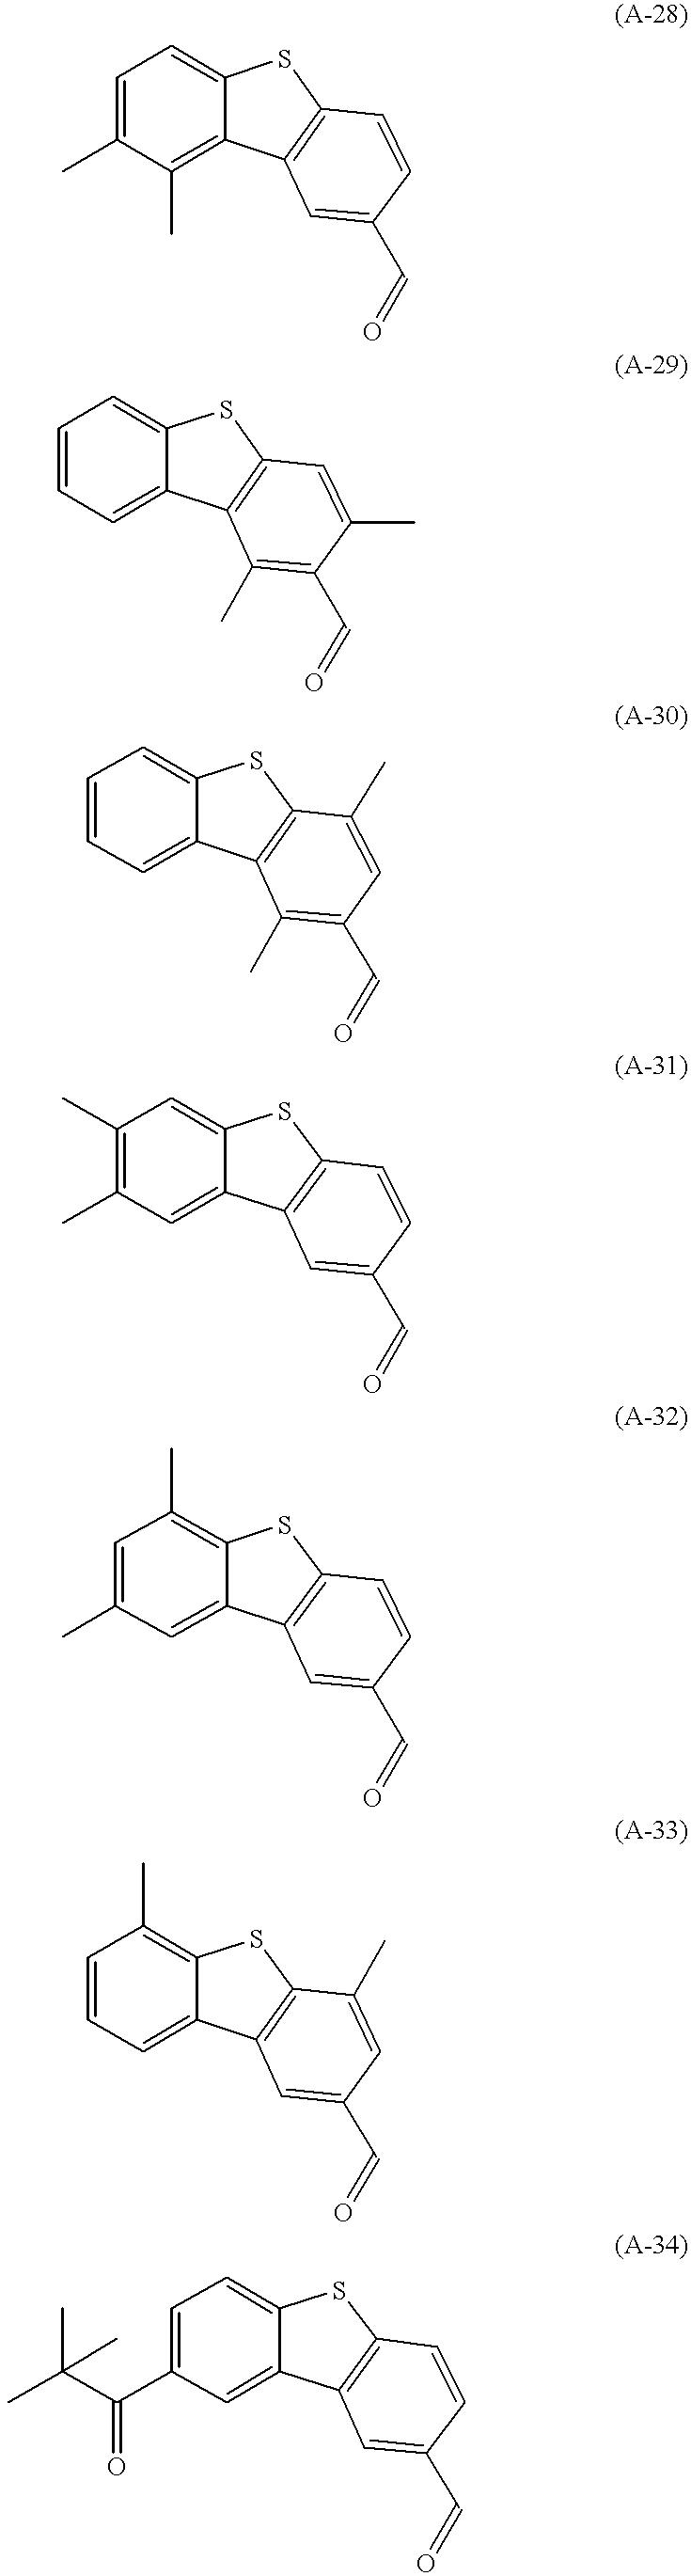 Figure US06514981-20030204-C00018